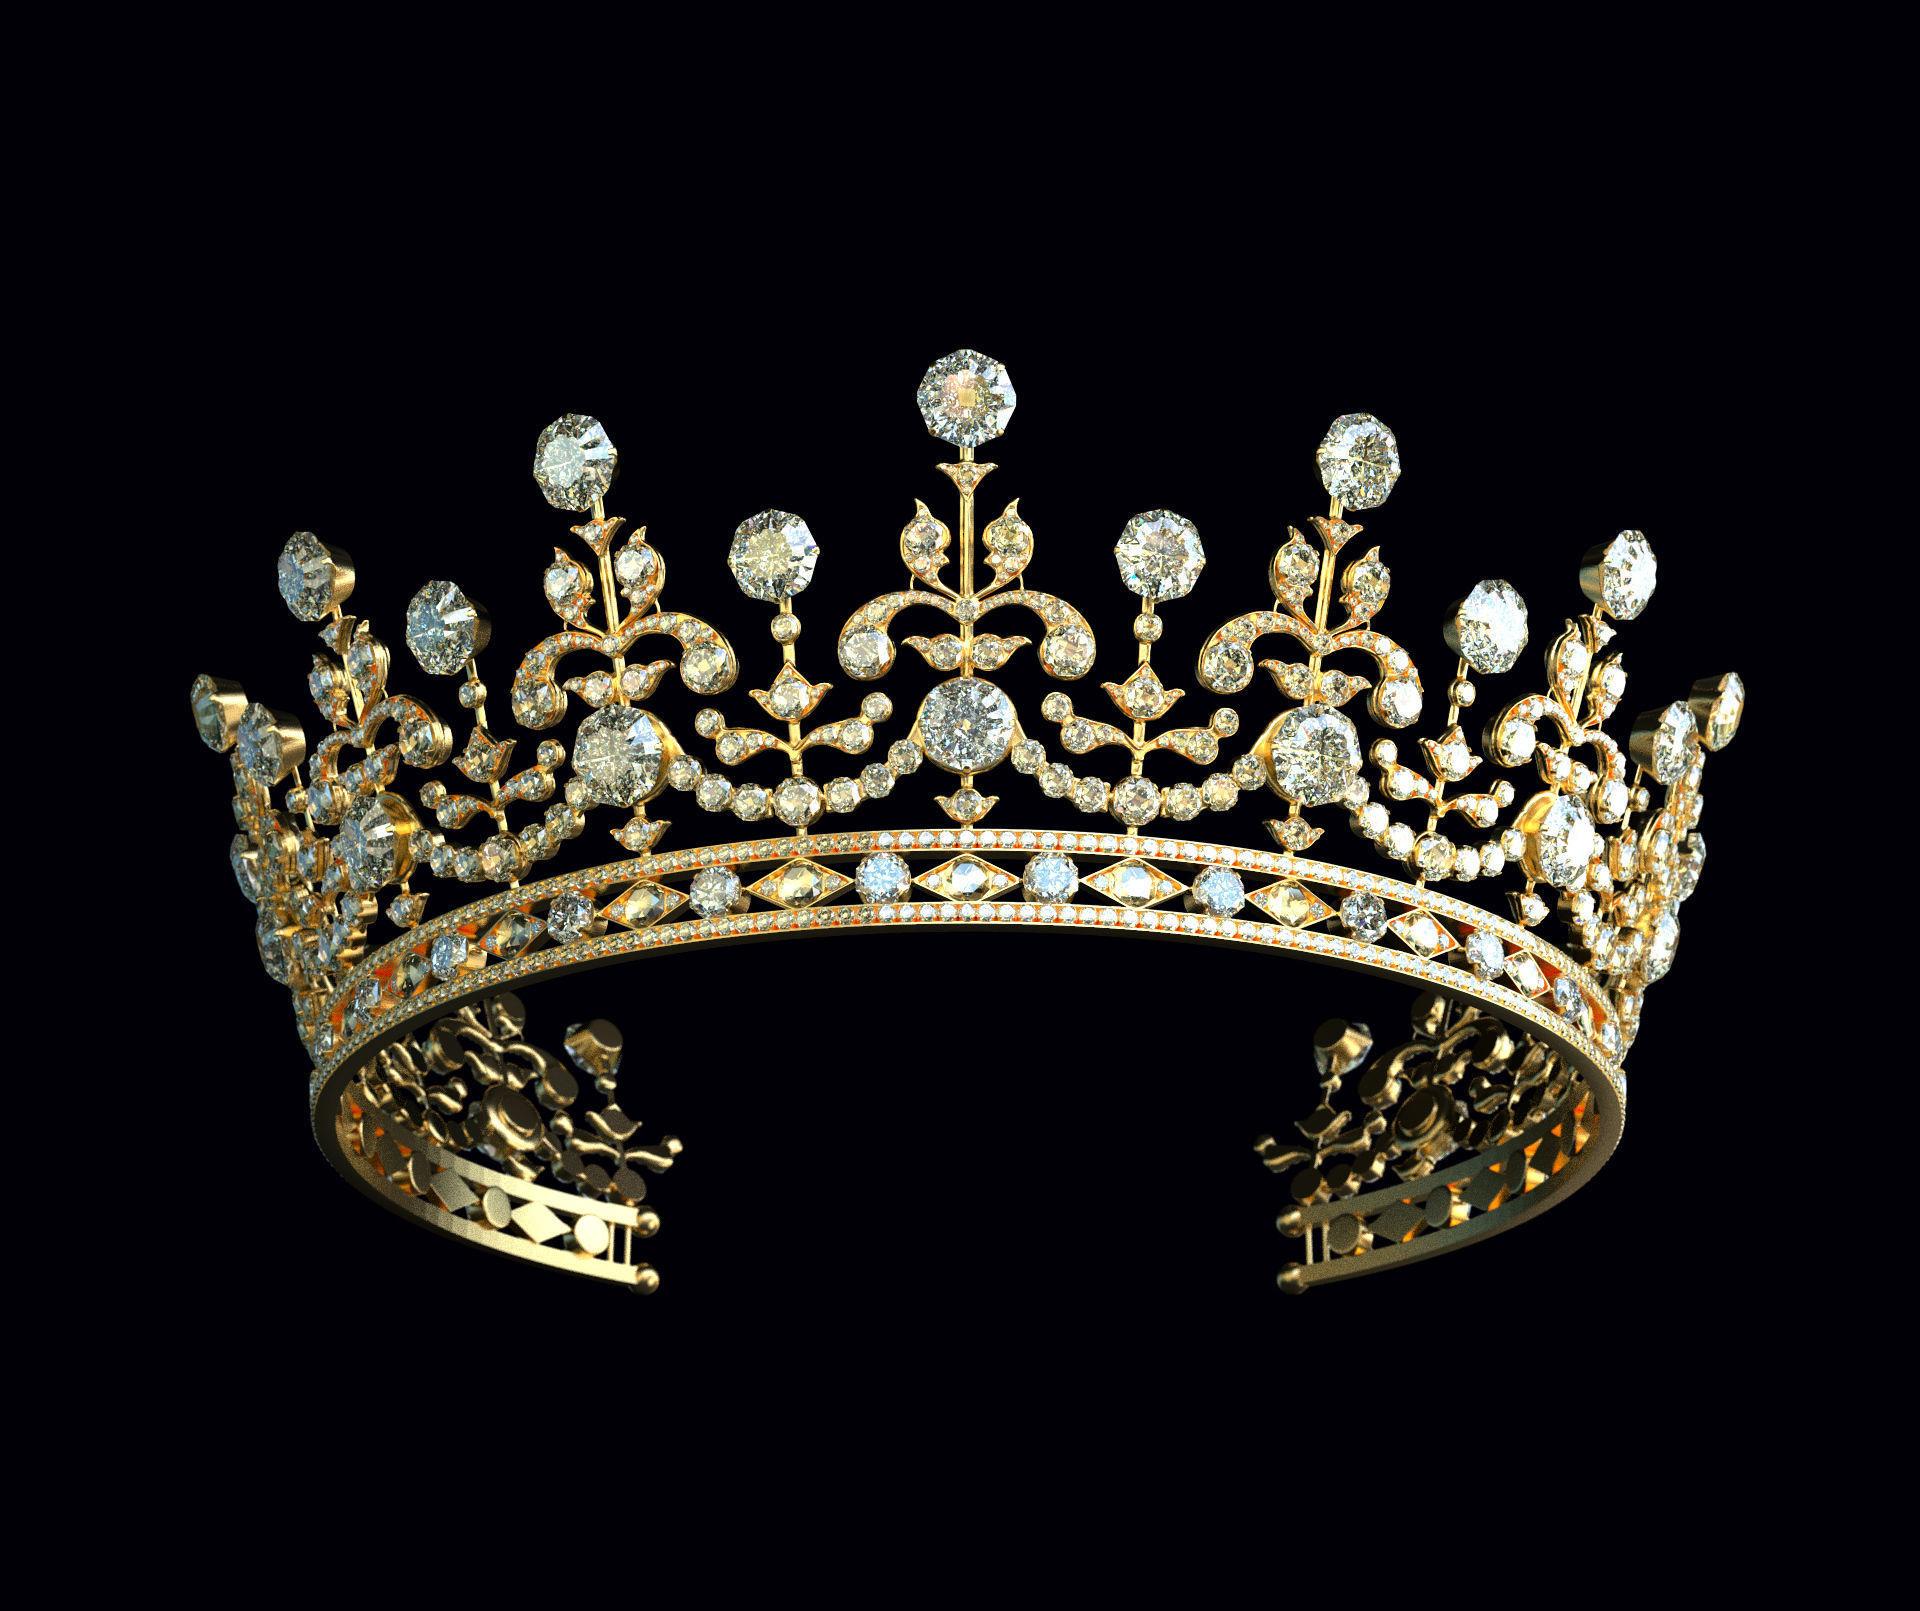 The Queen Elizabeth II Tiara Girls of Great Britain and Ireland